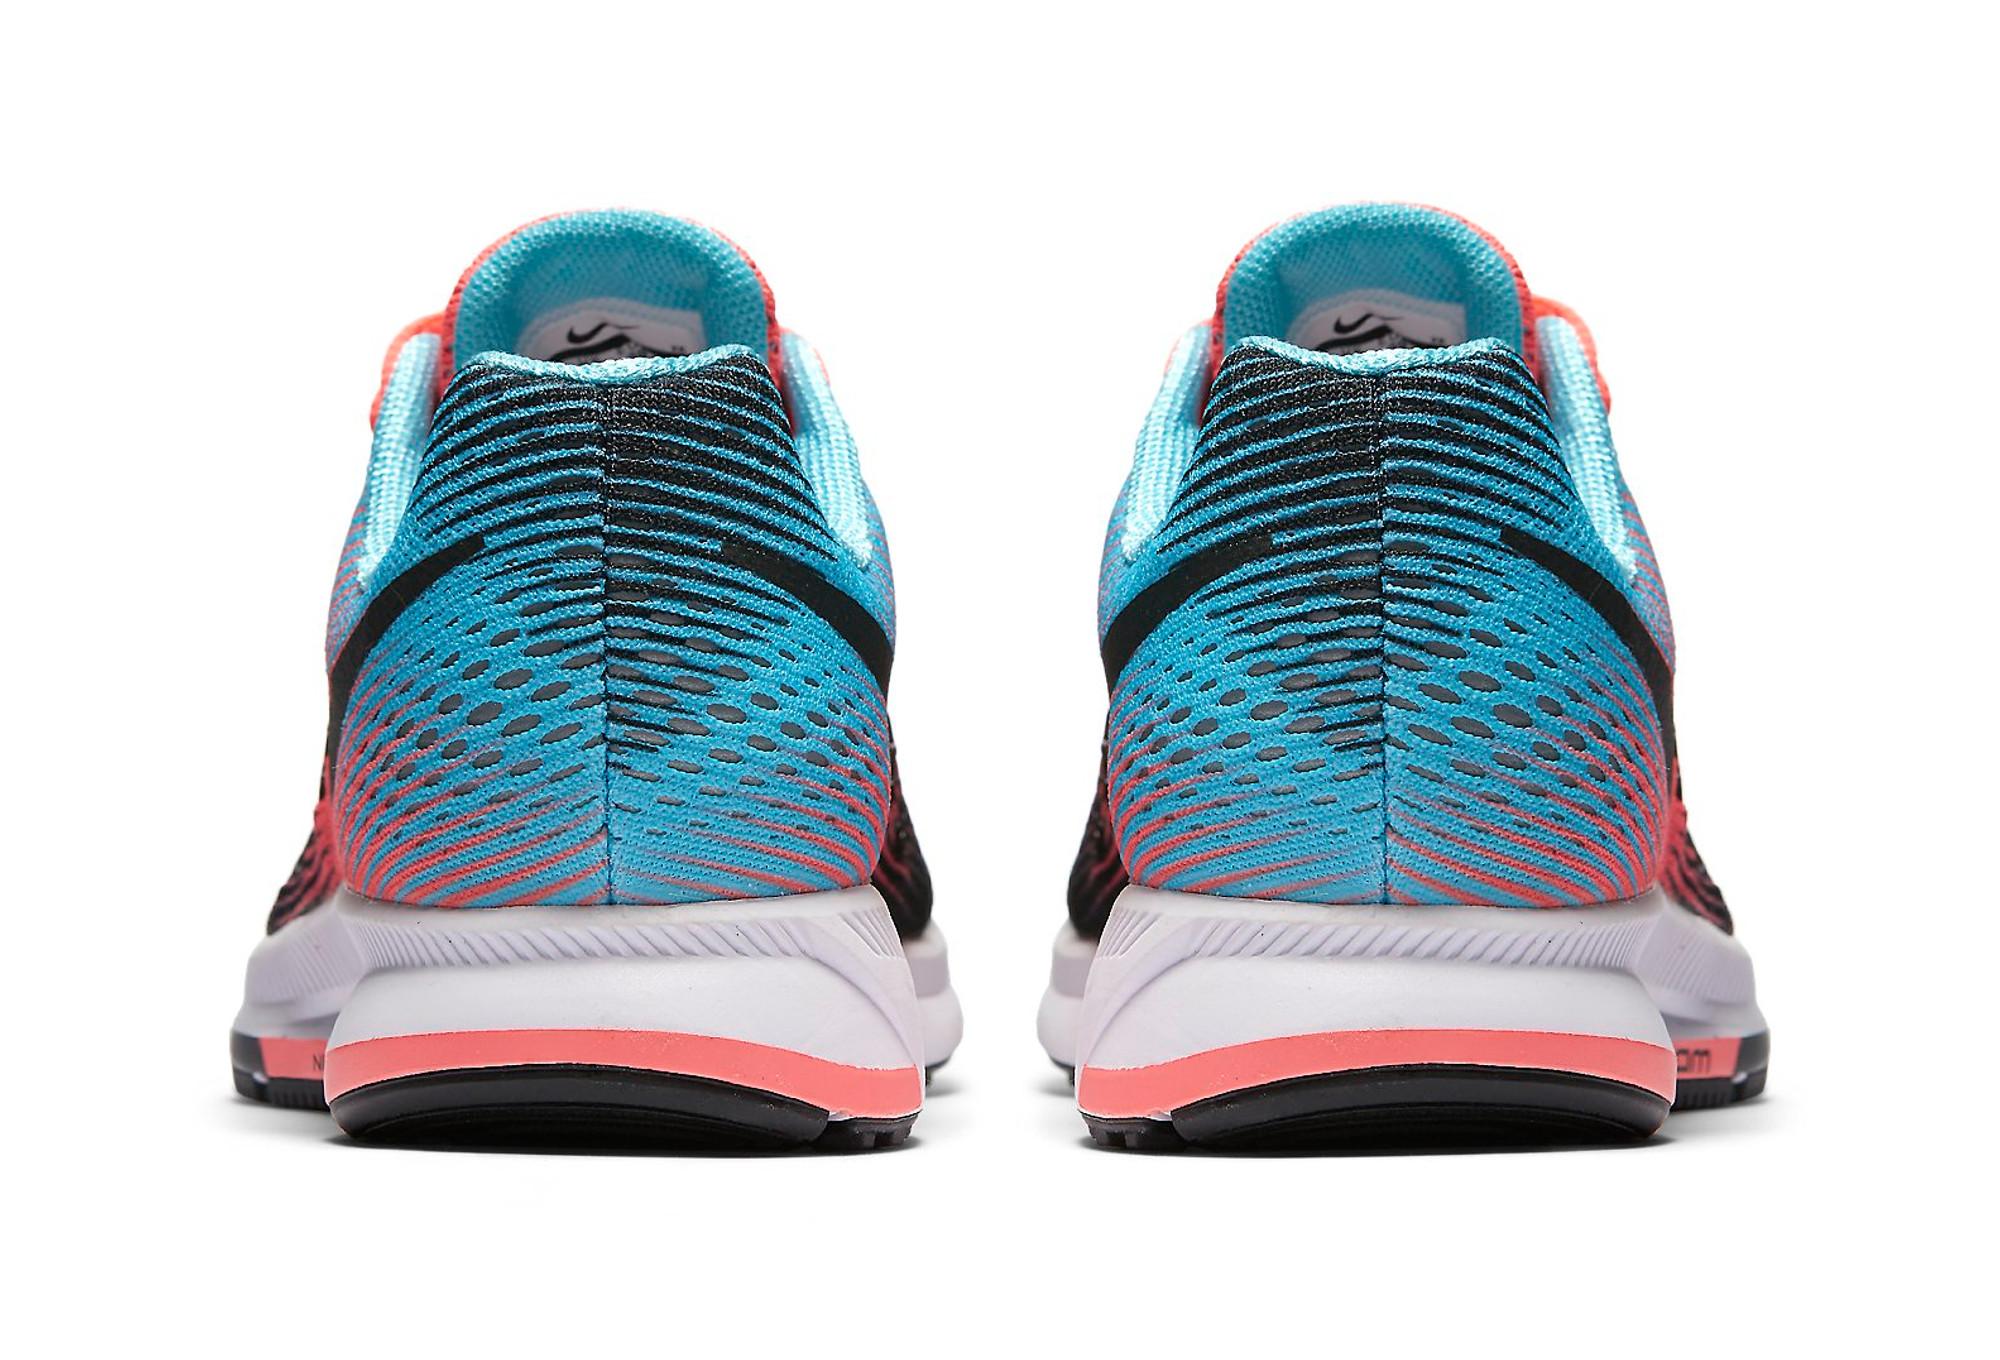 Chaussures de Running Femme Nike AIR ZOOM PEGASUS 33 Noir / Bleu / Rose